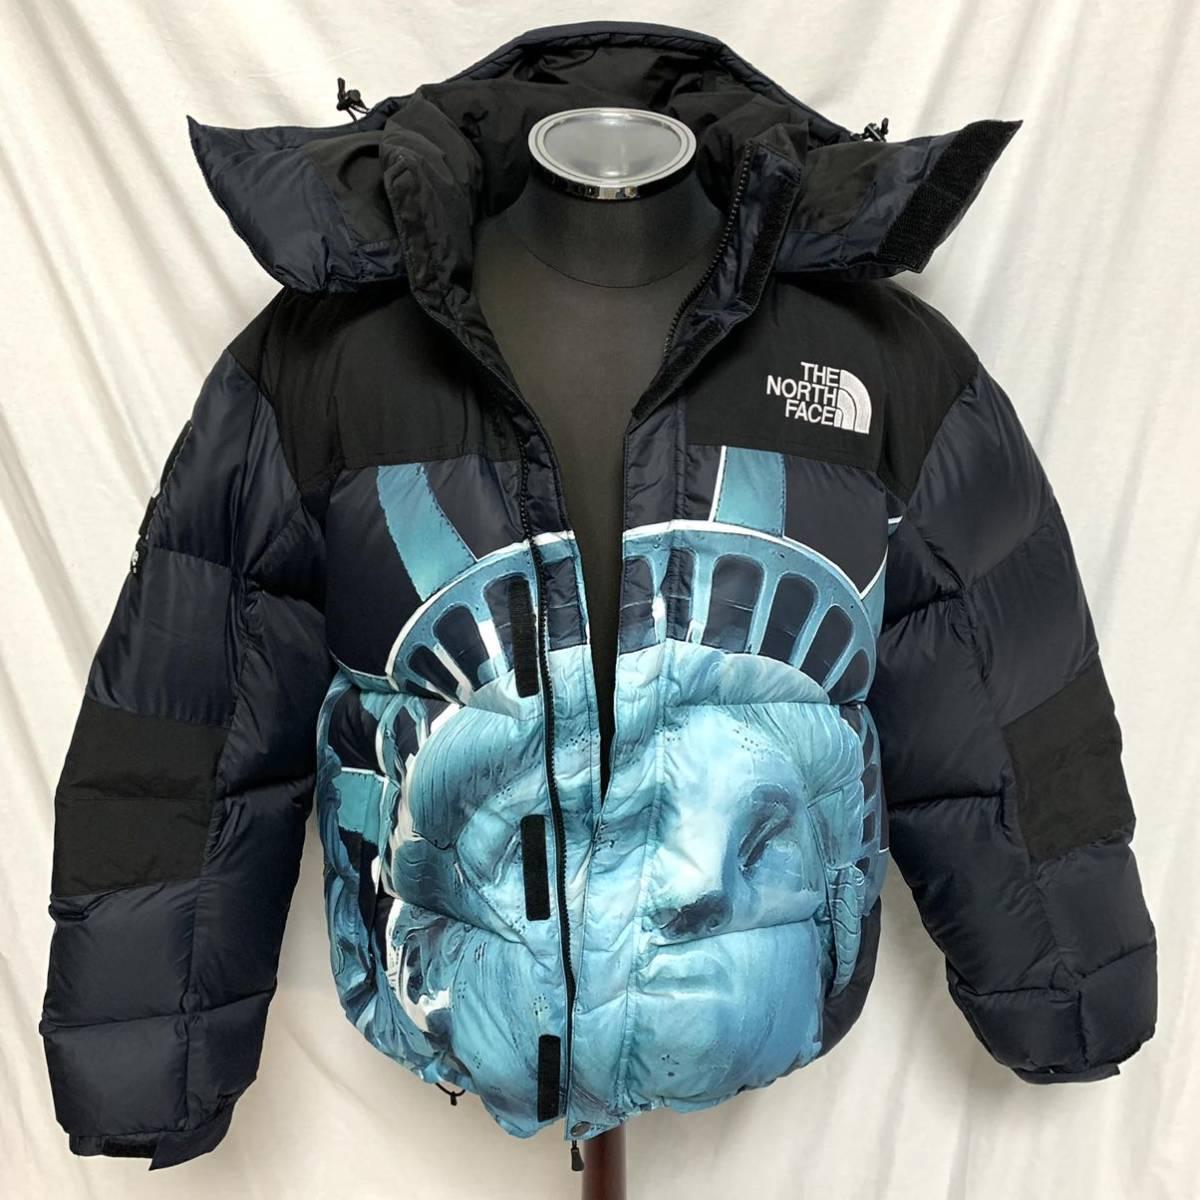 美品Supreme 19AW The North Face Statue of Liberty Baltoro Jacket シュプリーム ザノースフェイス 自由の女神 バルトロダウンジャケット_画像3